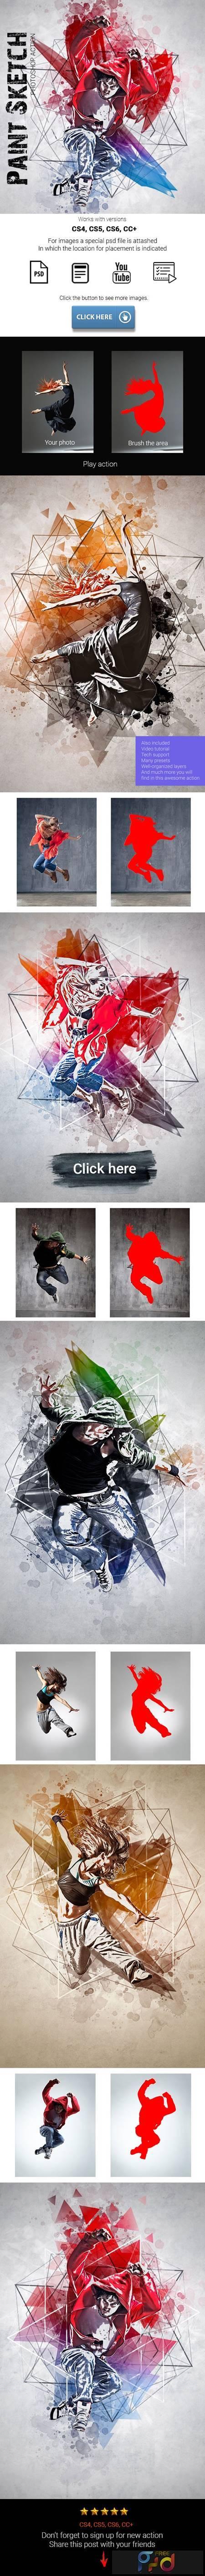 Paint Sketch Photoshop Action 26242516 1